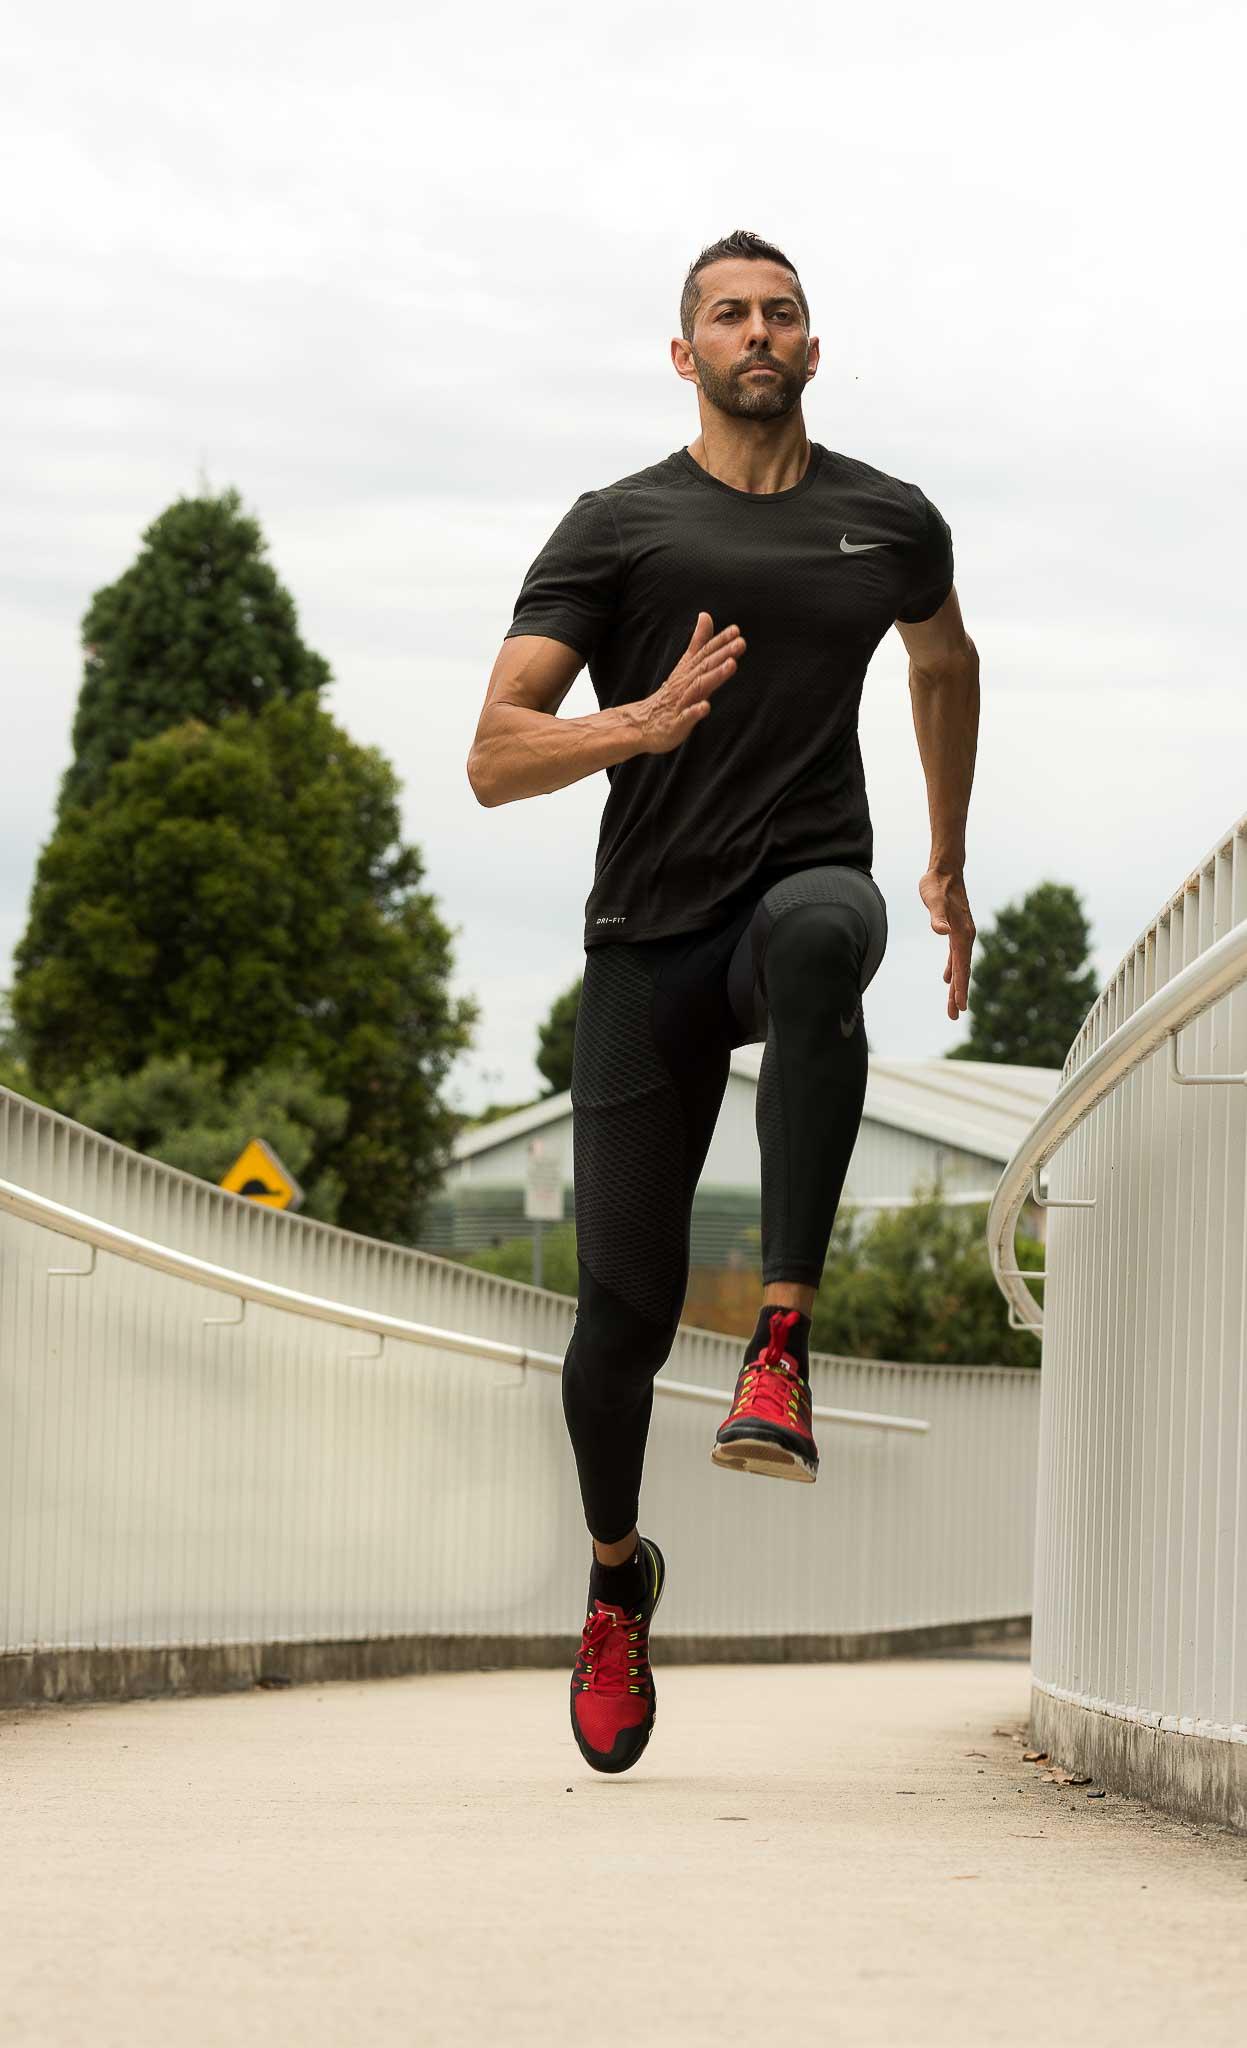 Keith sprinting